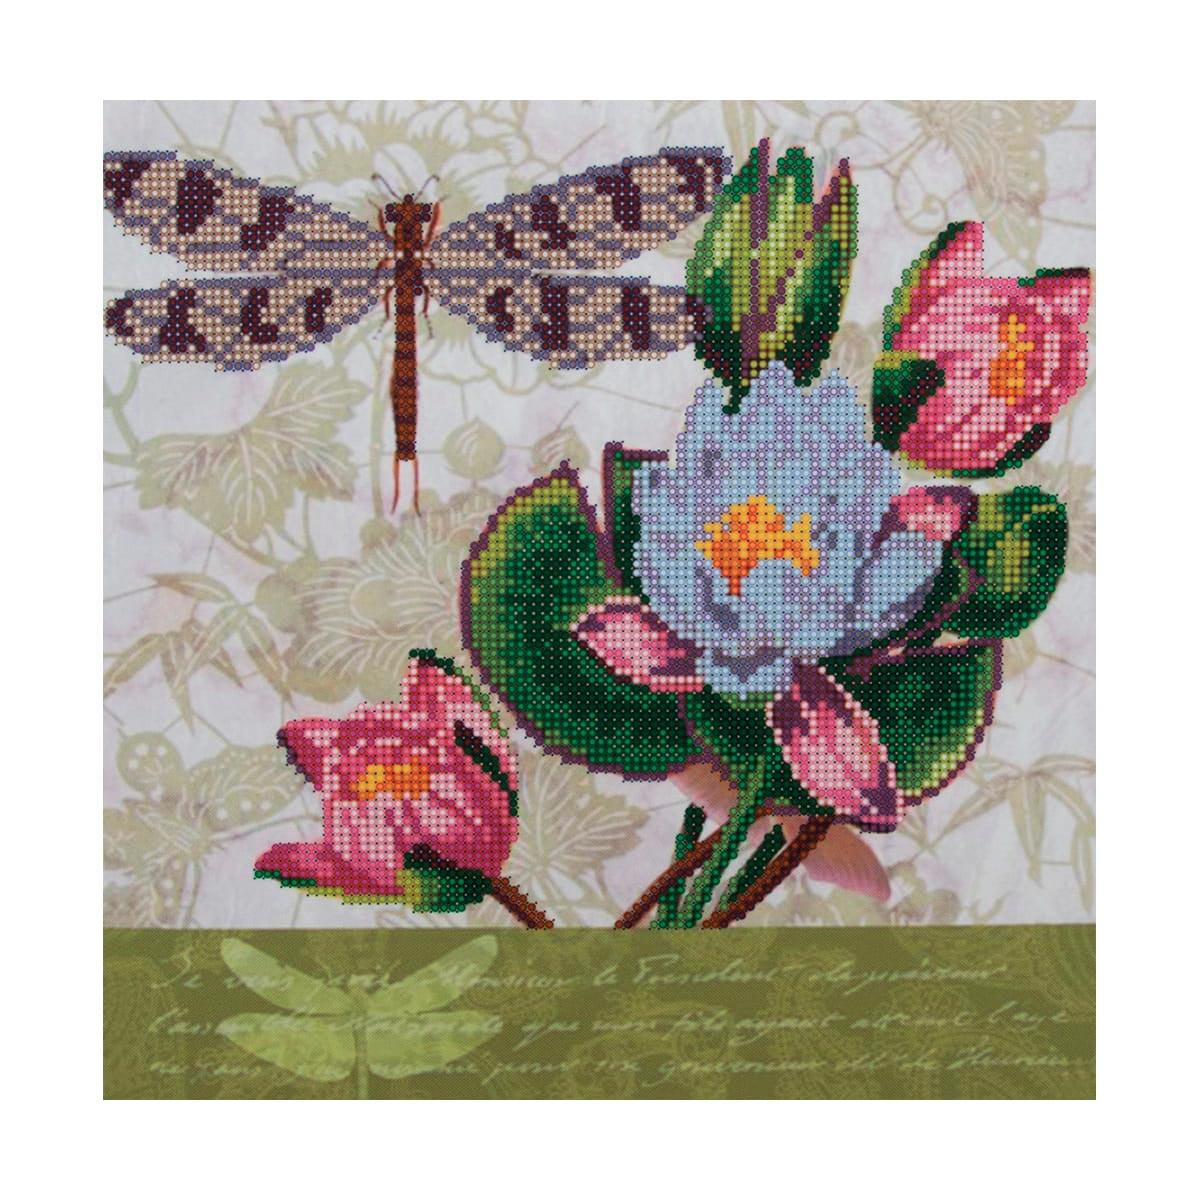 НР-3109 Канва с рисунком для вышивания бисером 'Кувшинки и стрекоза' Hobby&Pro 42*48см